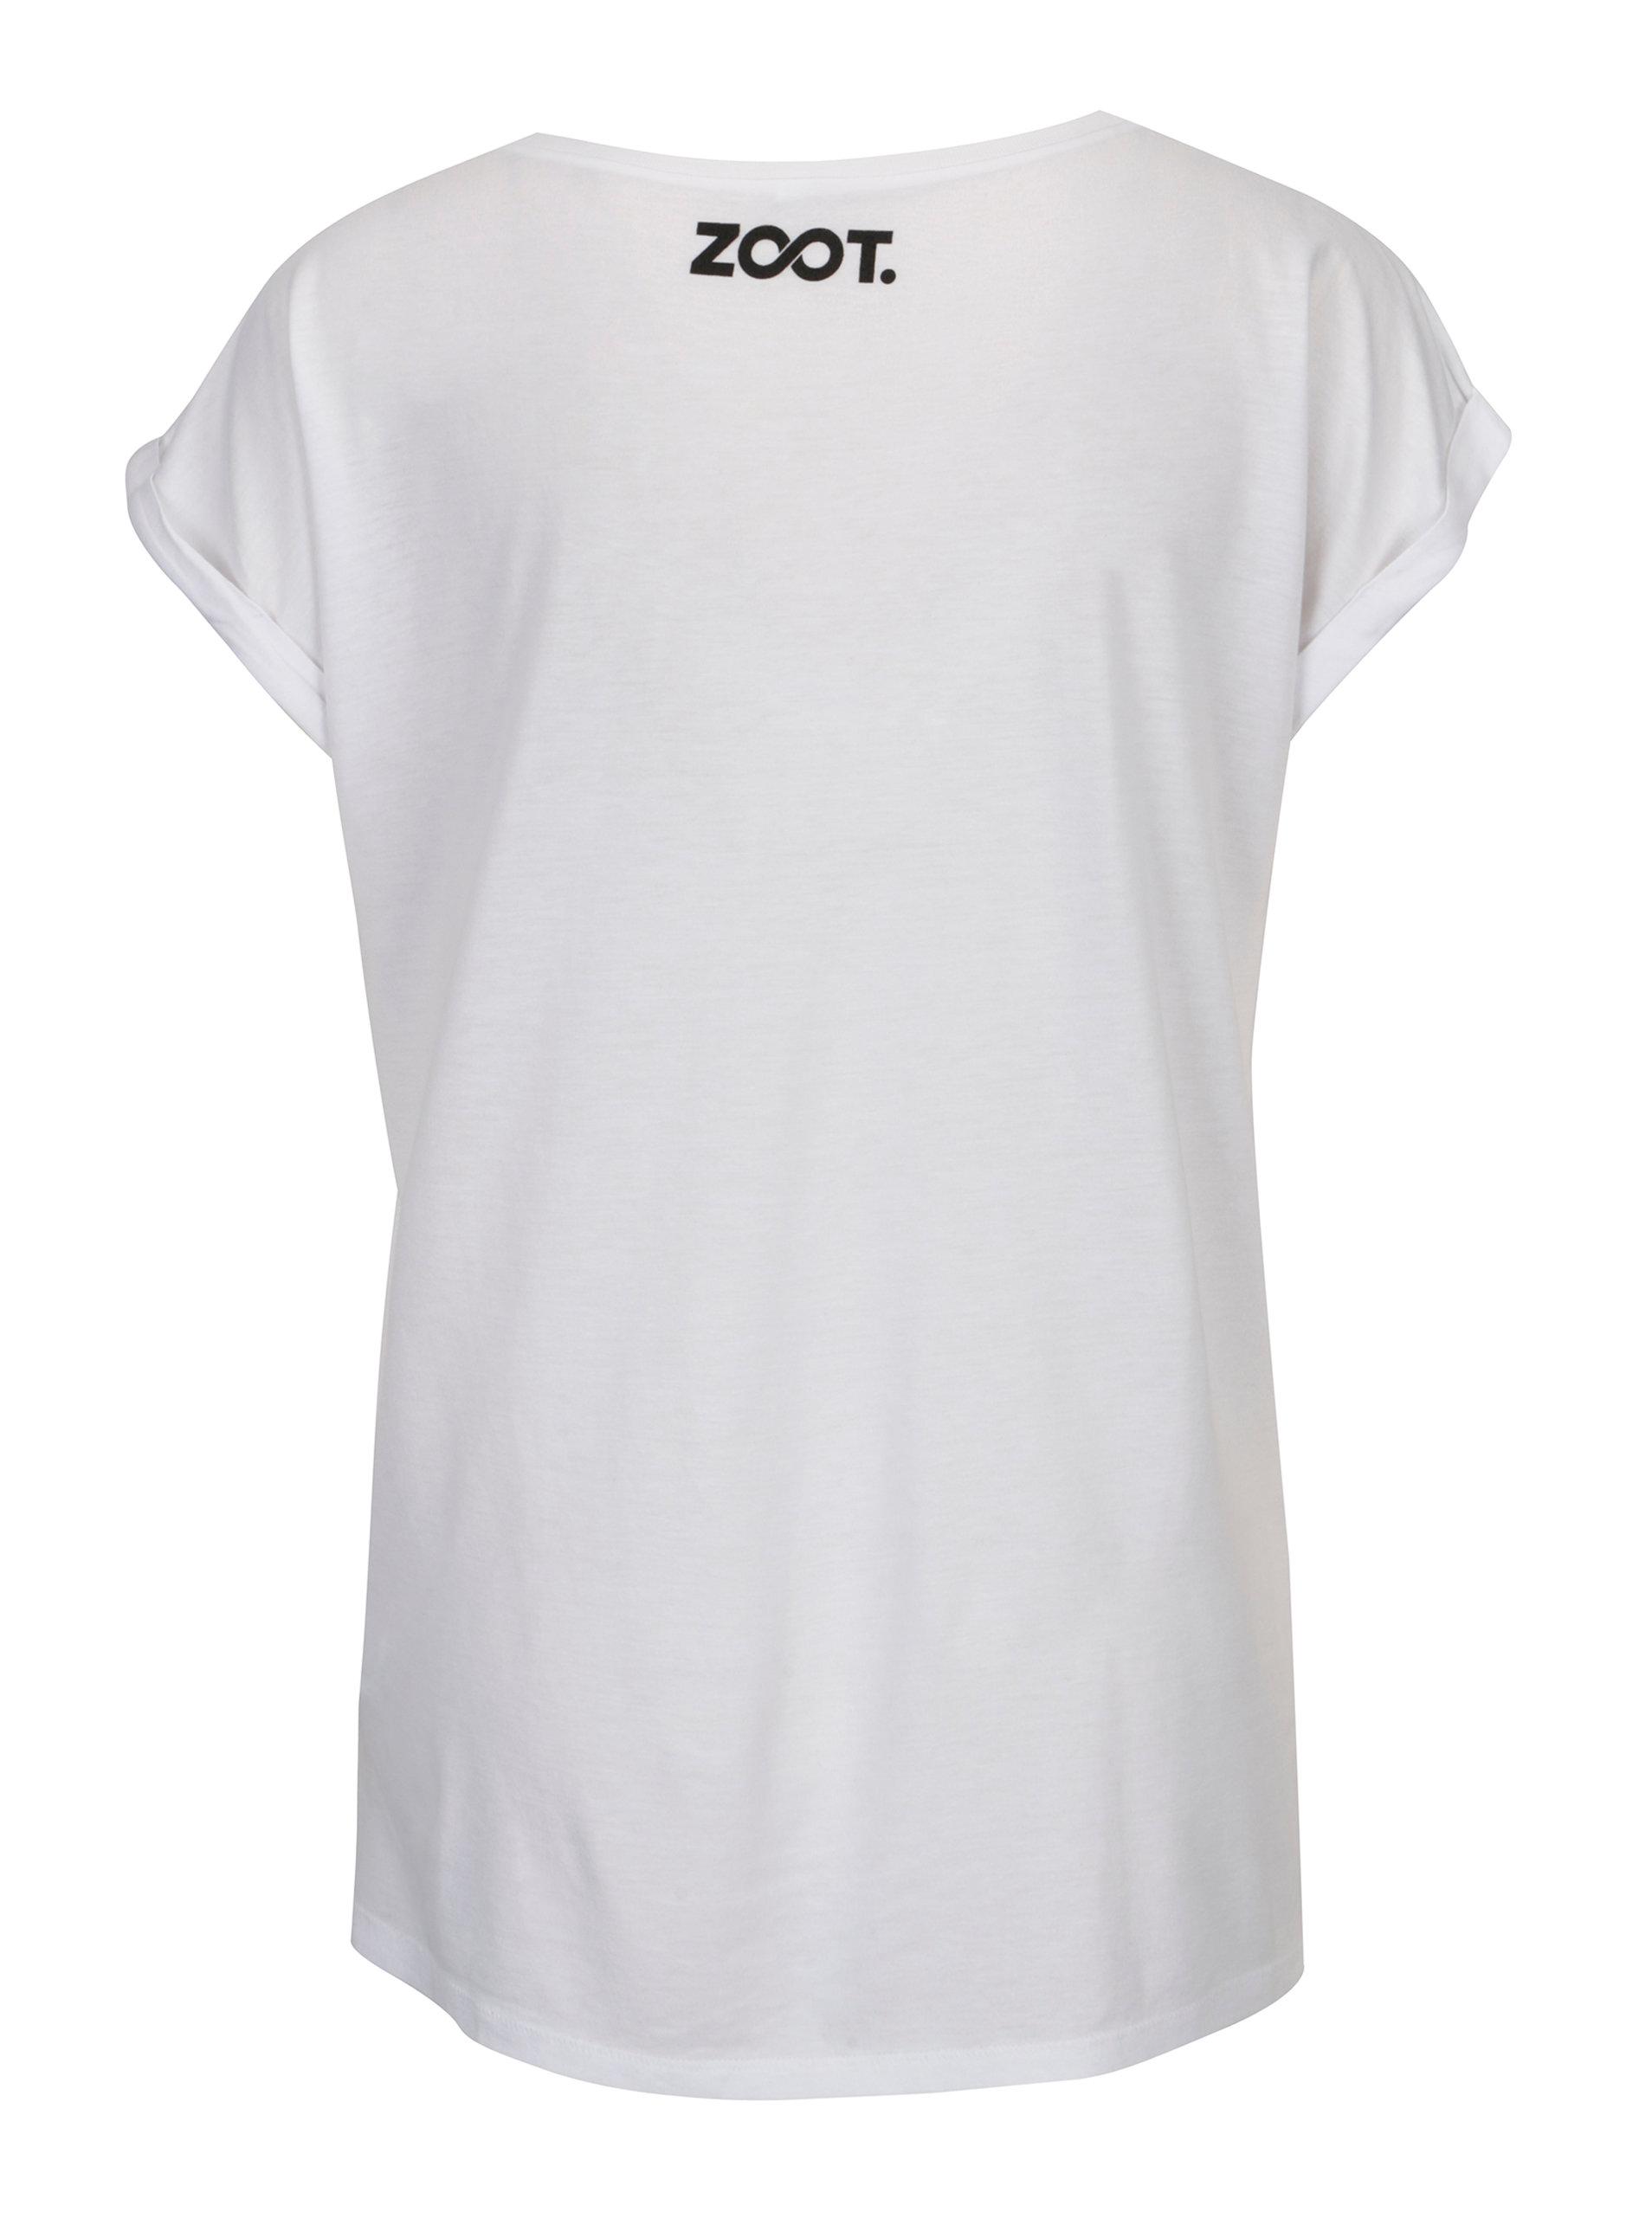 54ebeaffd35 Bílé dámské tričko s potiskem ZOOT Original Láska ...